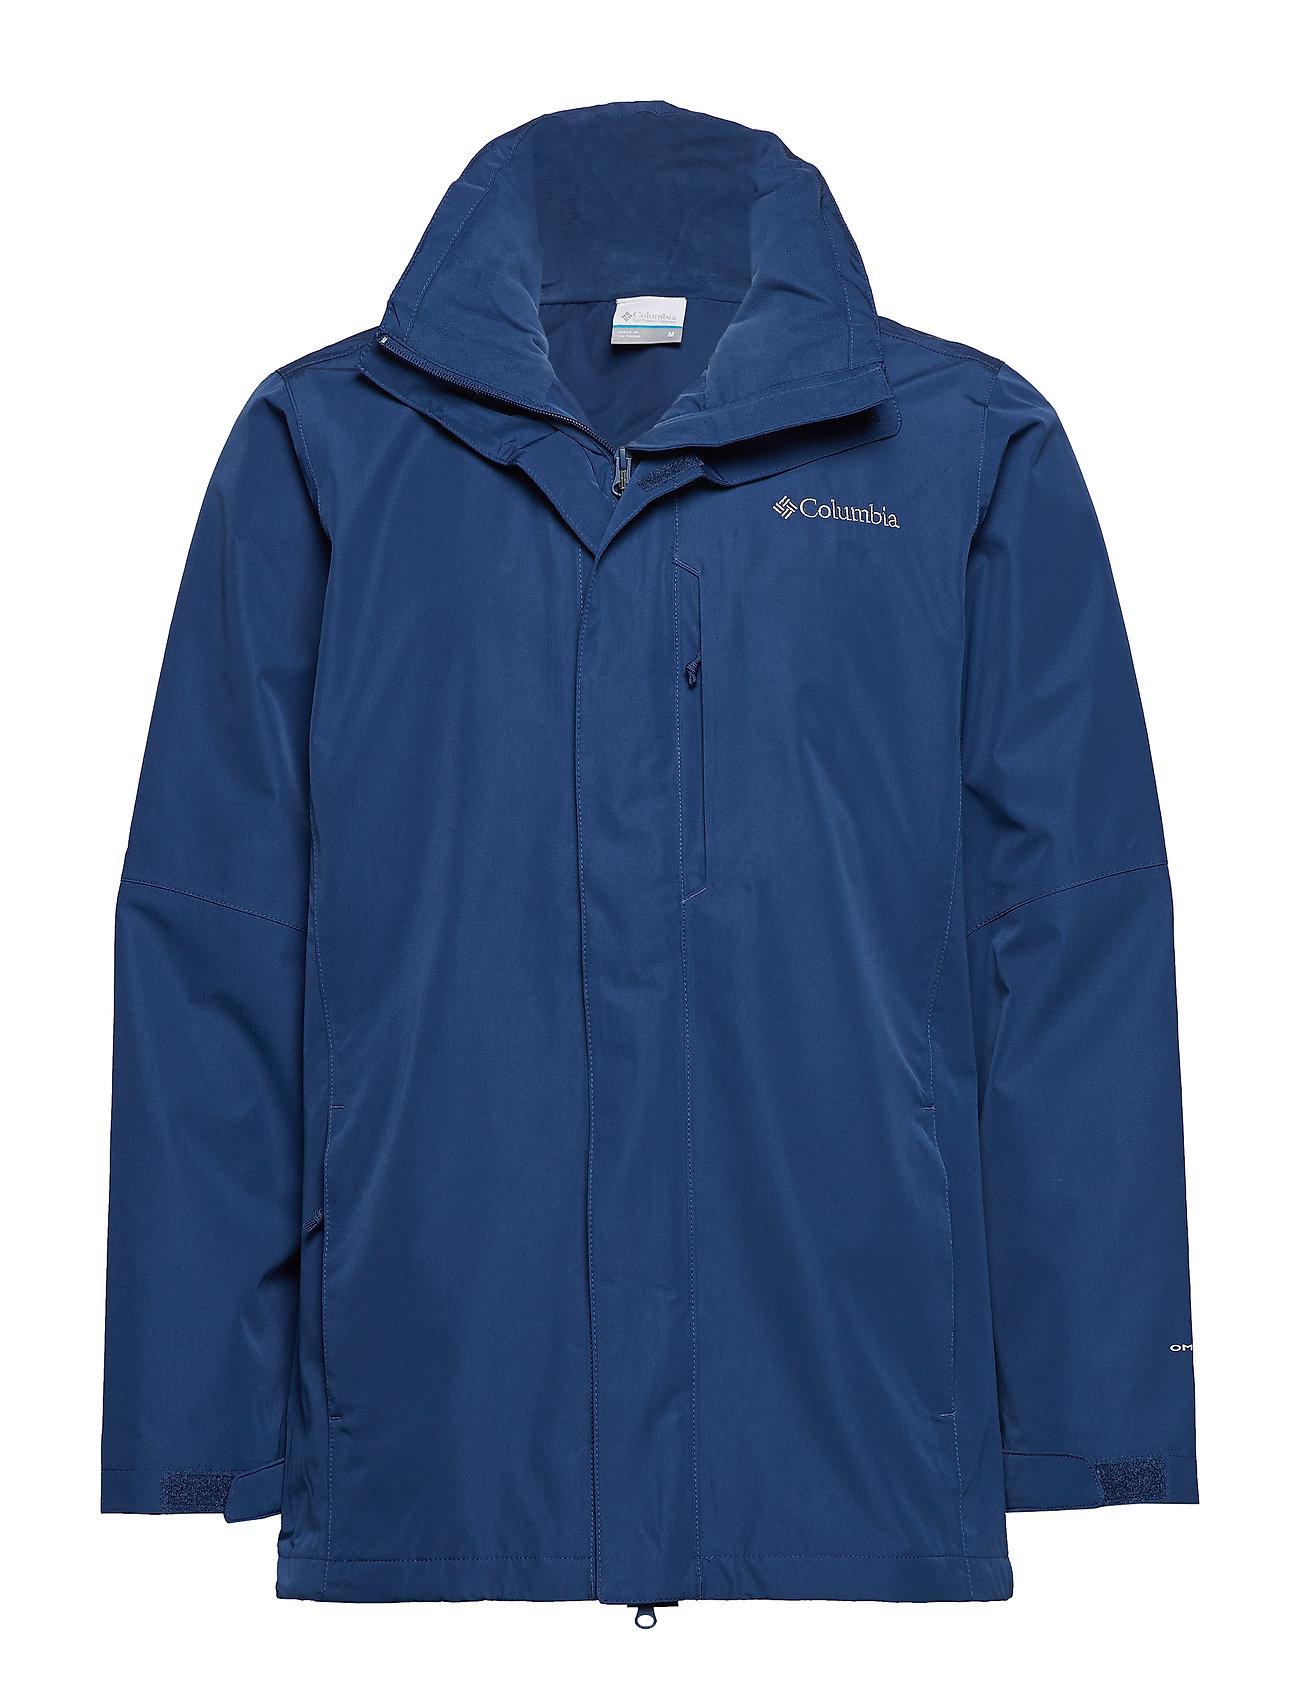 Forest Park™ Jacket